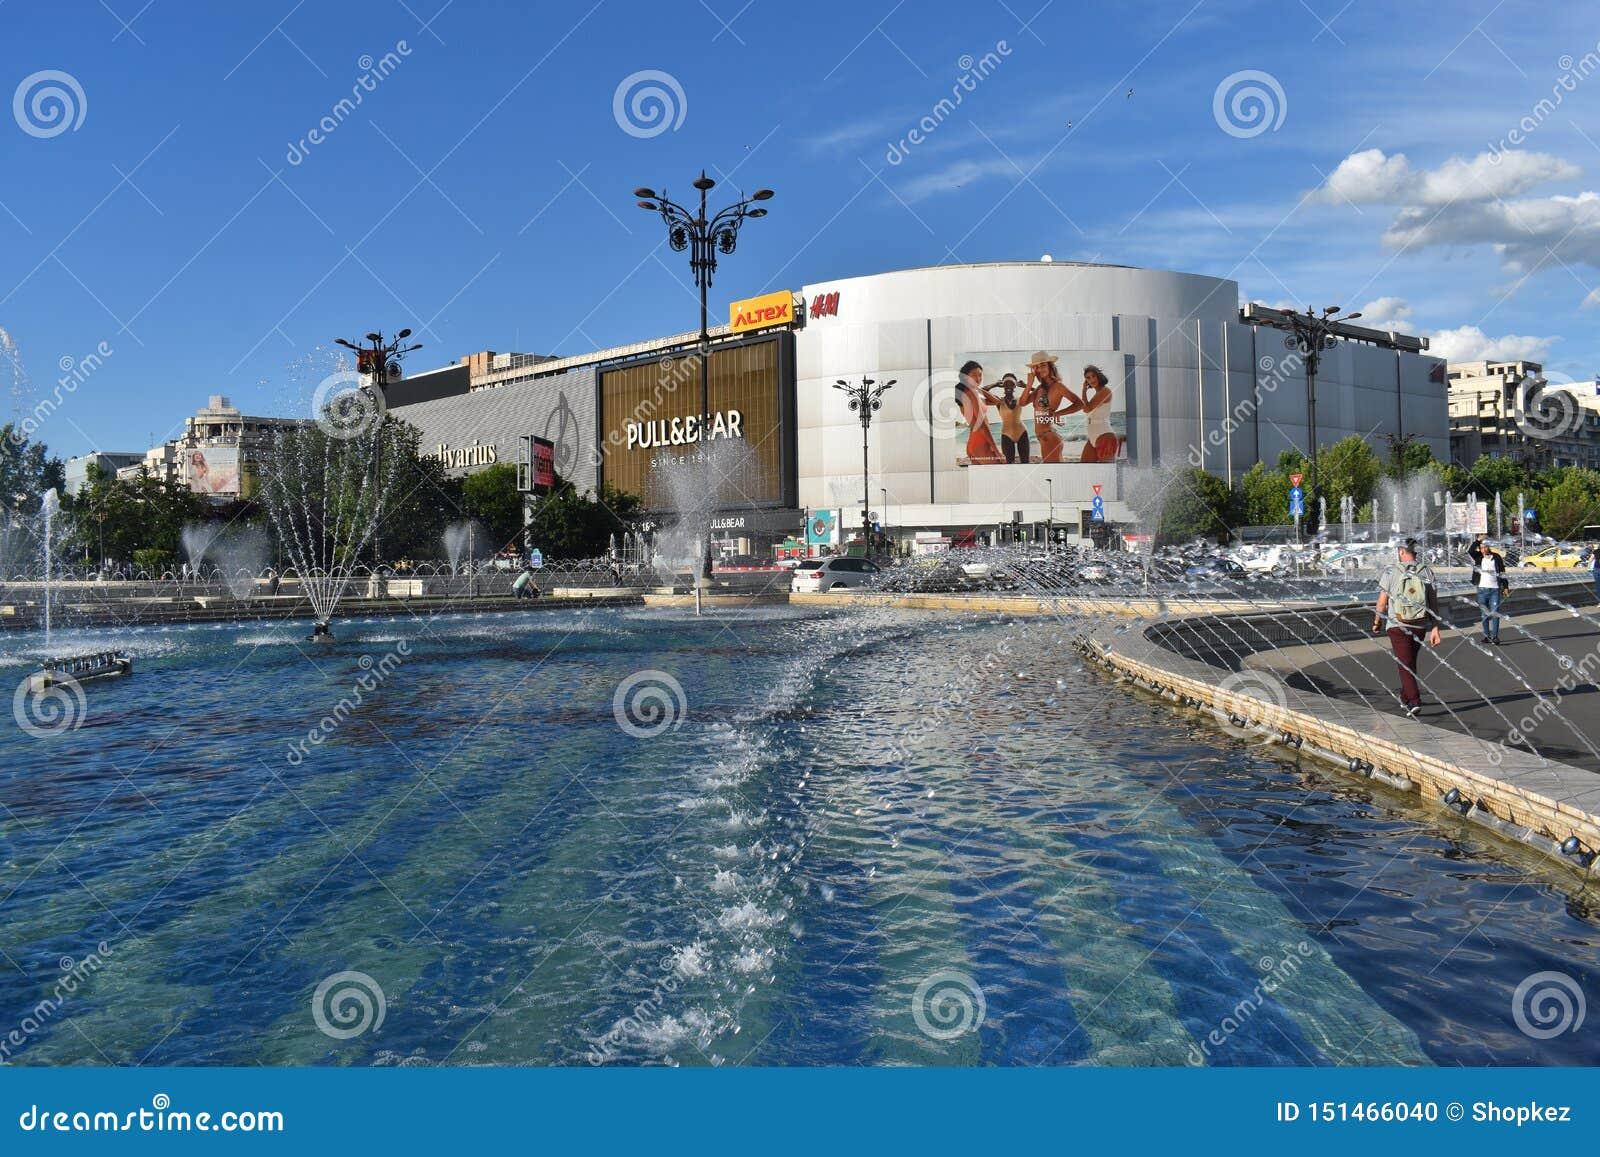 Όμορφες πηγές στο τετράγωνο ένωσης ή Piata Unirii στο στο κέντρο της πόλης του Βουκουρεστι ου σε μια ηλιόλουστη ημέρα άνοιξη 20 0